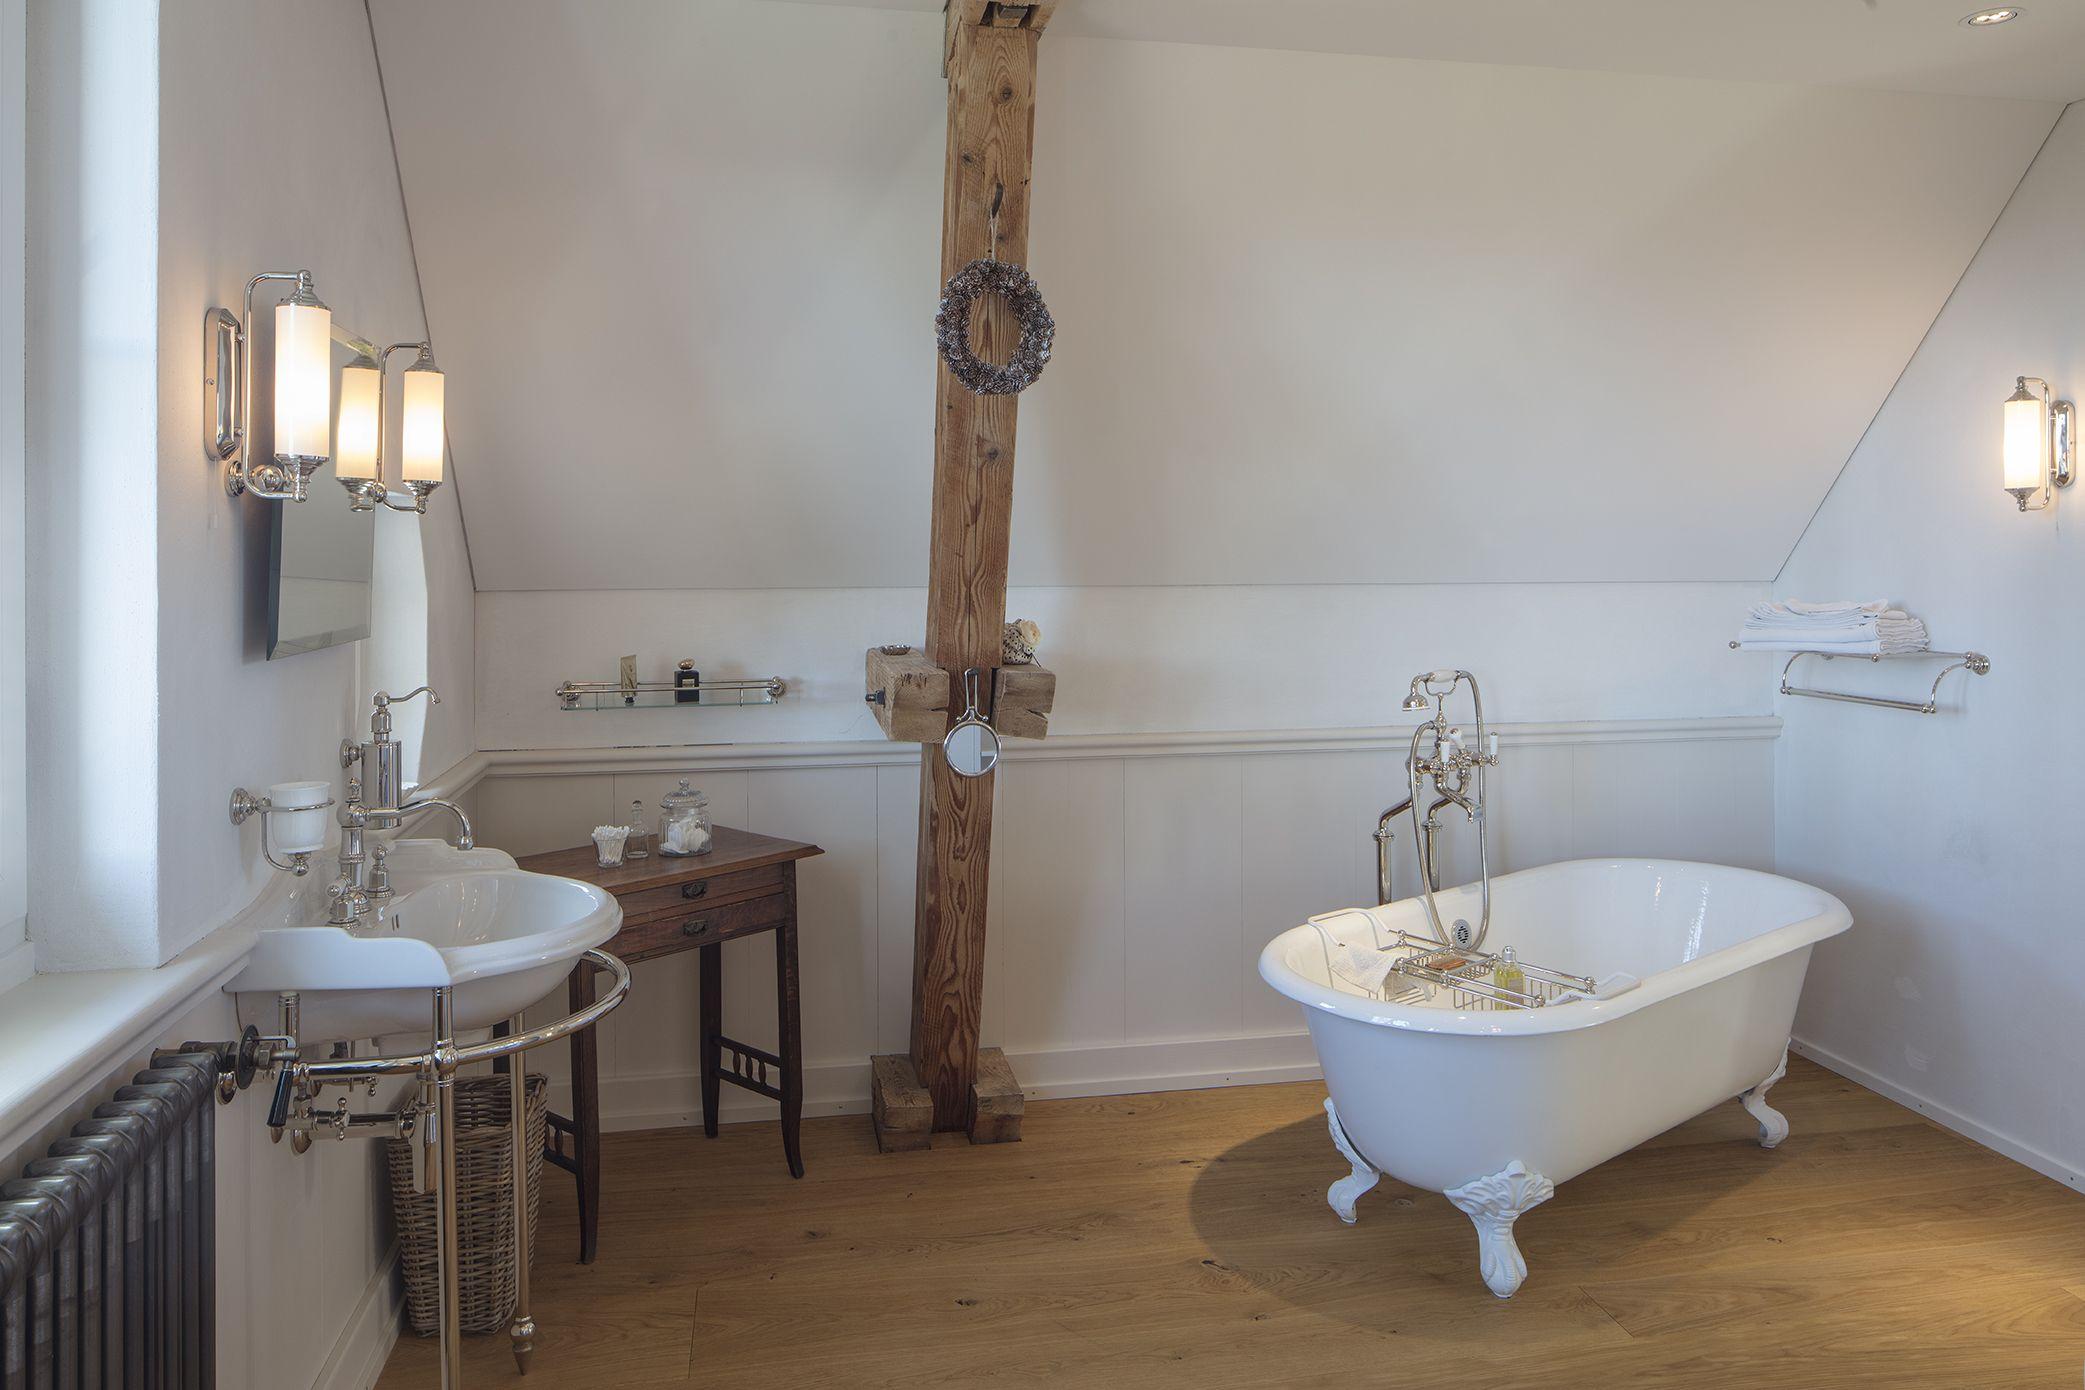 Ein Traum Im Zeitlosen Landhausstil Echtes Porzellan Gusseisen Und Edles Metall Made In England Harm Traditionelle Bader Badezimmereinrichtung Badezimmer